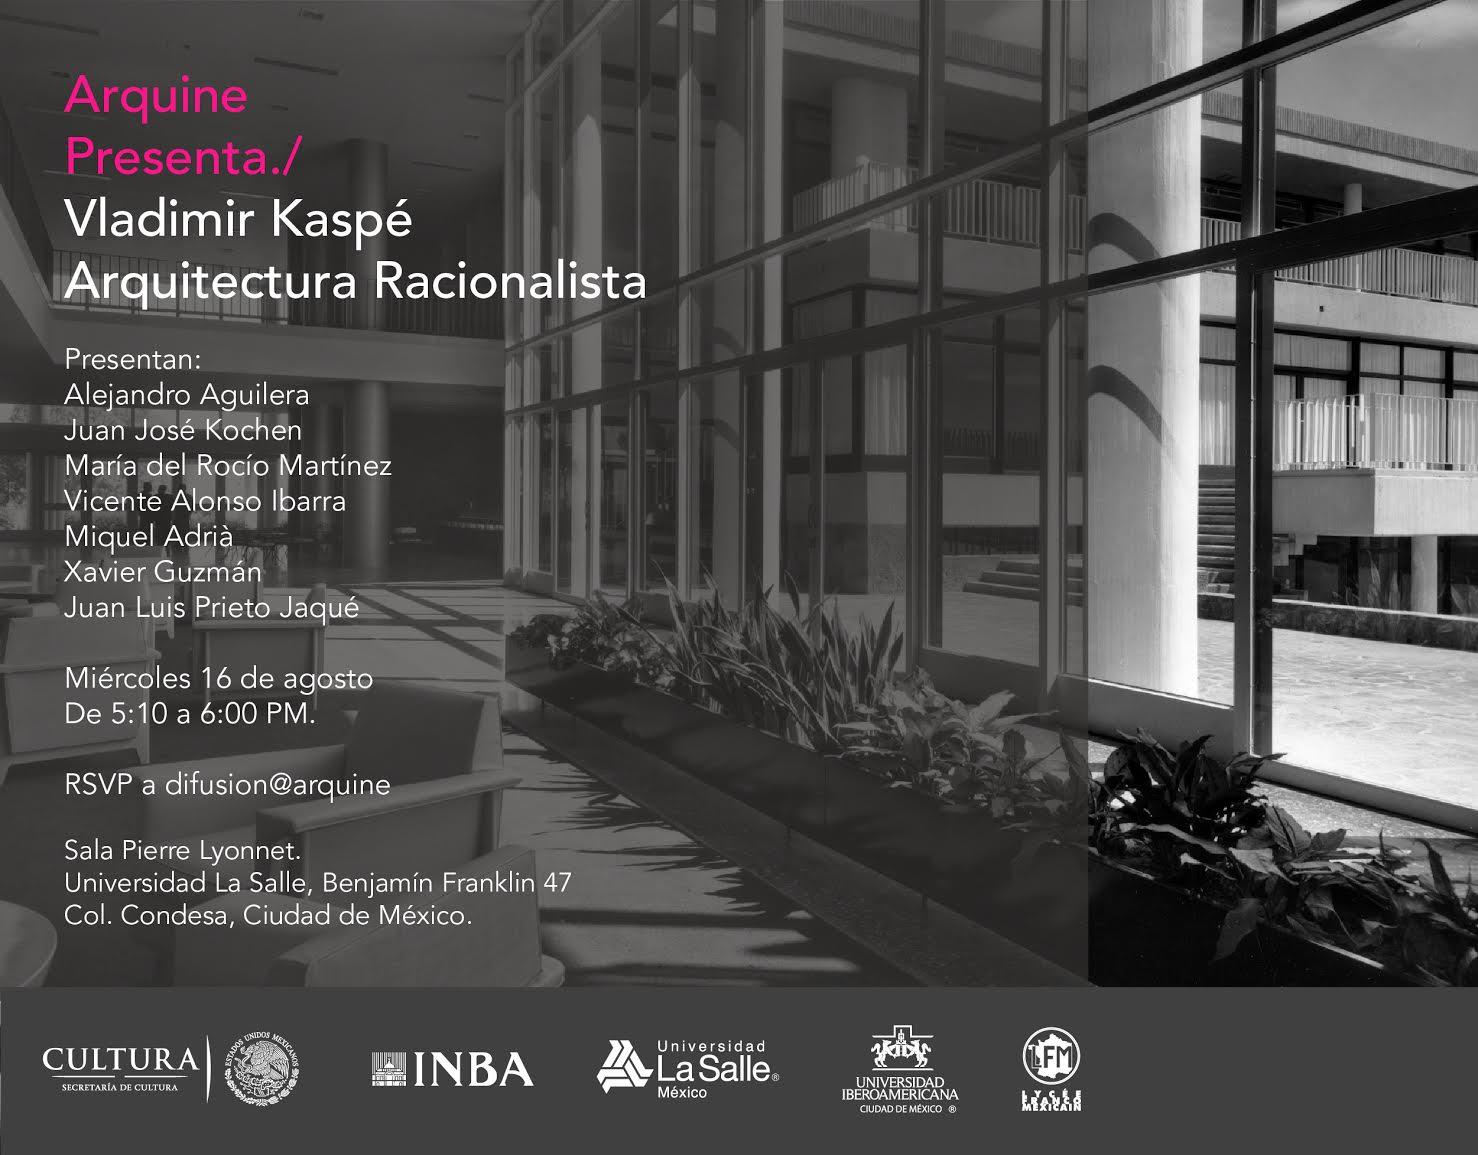 Arquine presenta arquitectura racionalista gas tv for Arquitectura racionalista